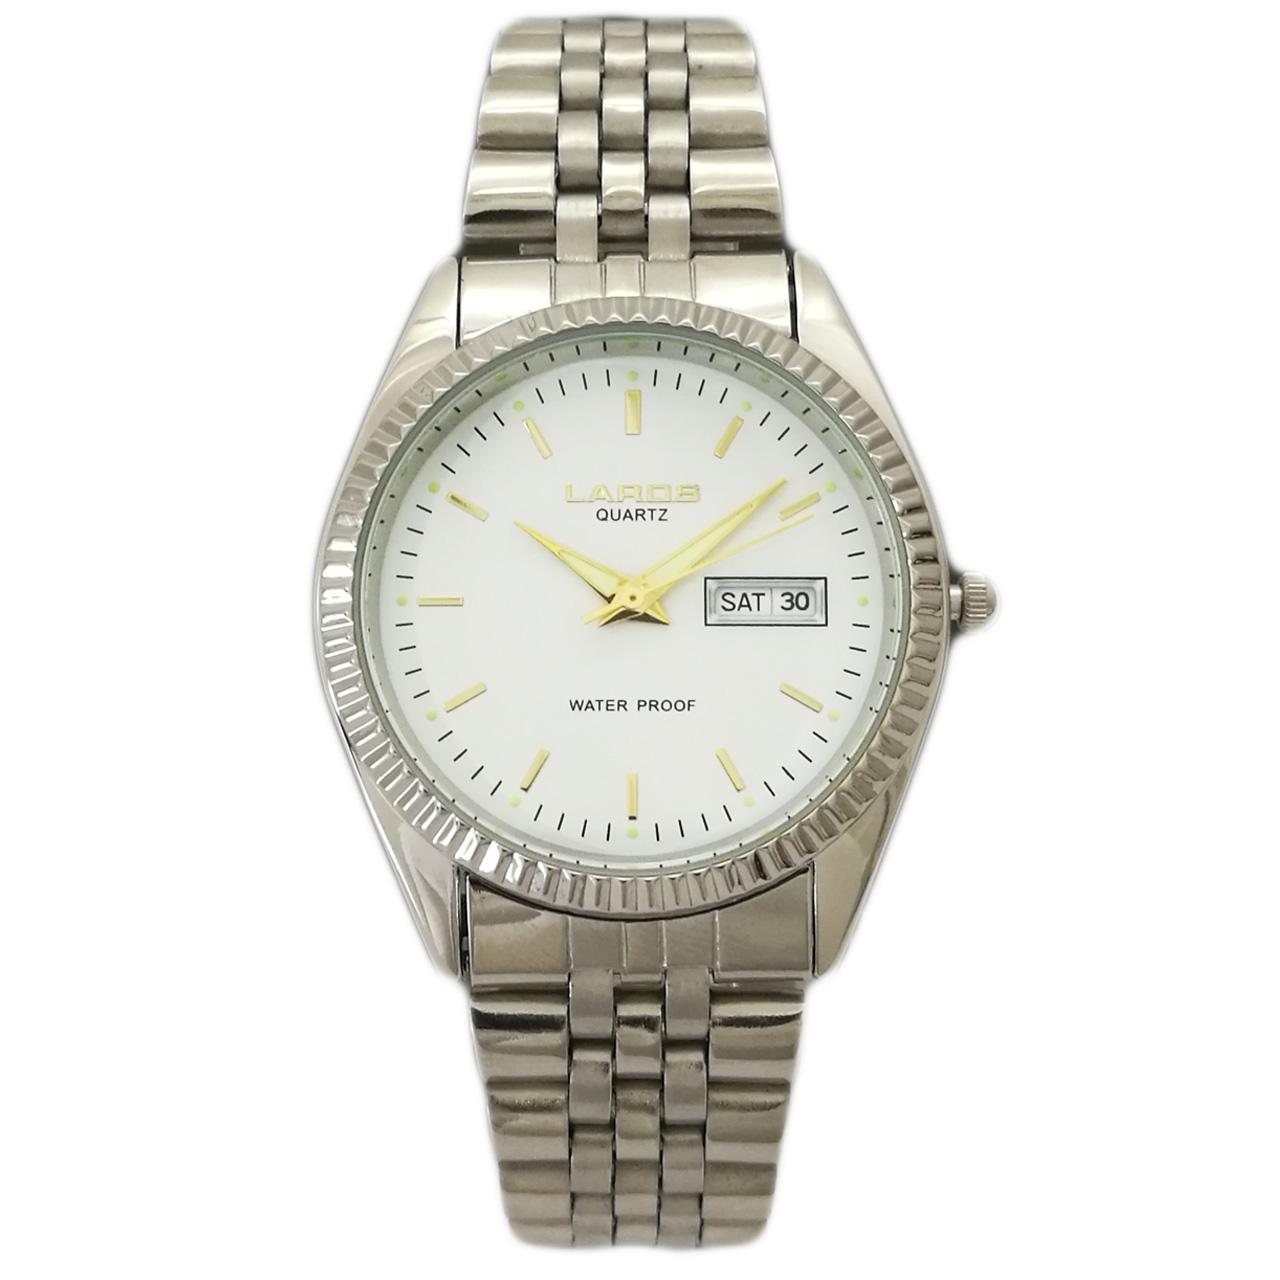 ساعت مچی عقربه ای مردانه لاروس مدل 1216-7443-dd